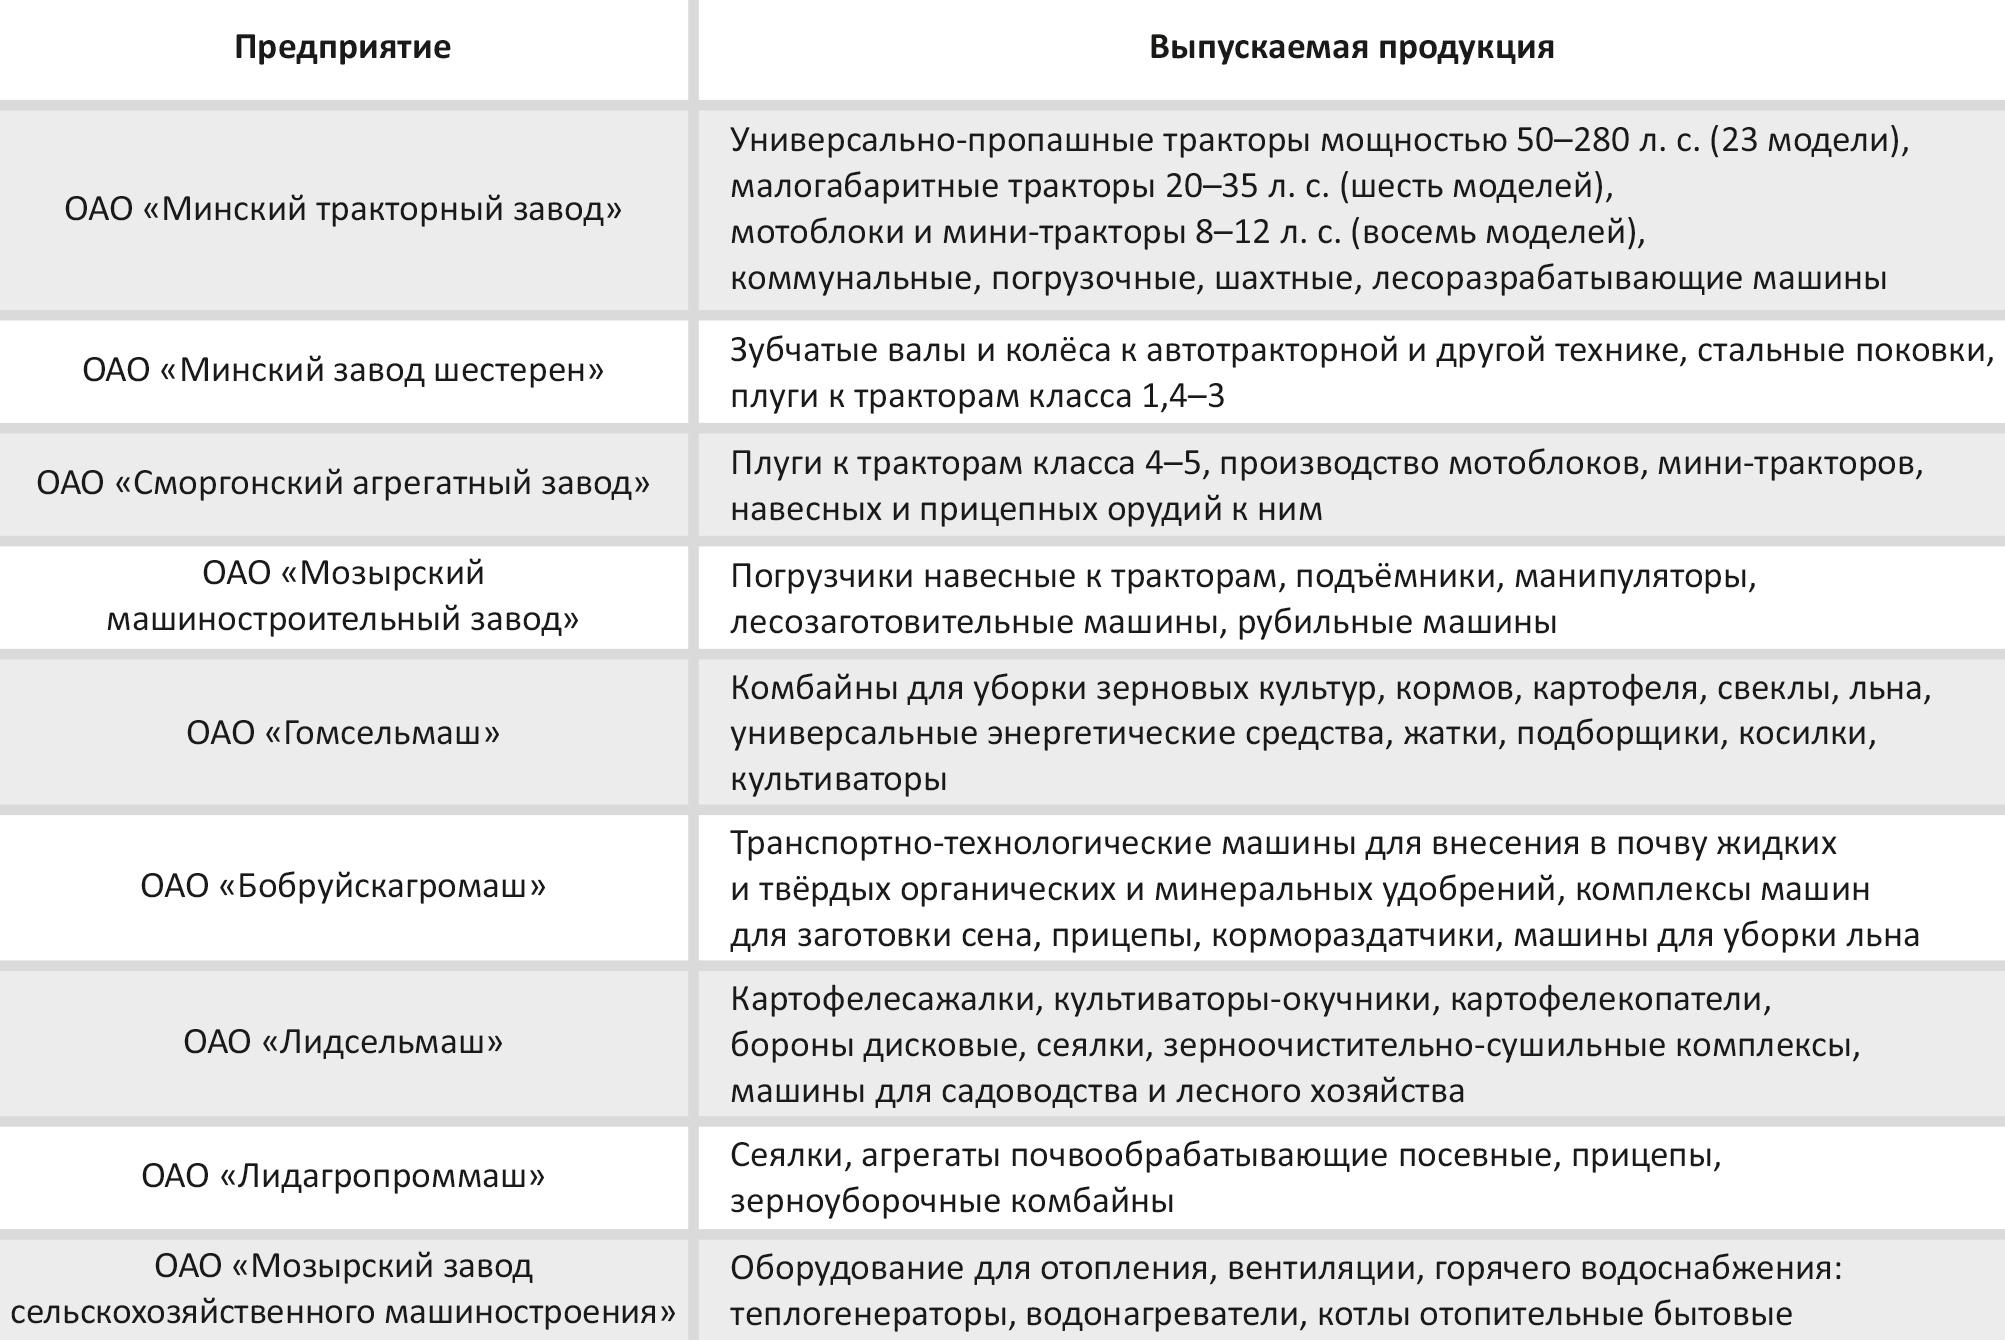 Основные предприятия тракторного и сельскохозяйственного машиностроения в Республике Беларусь